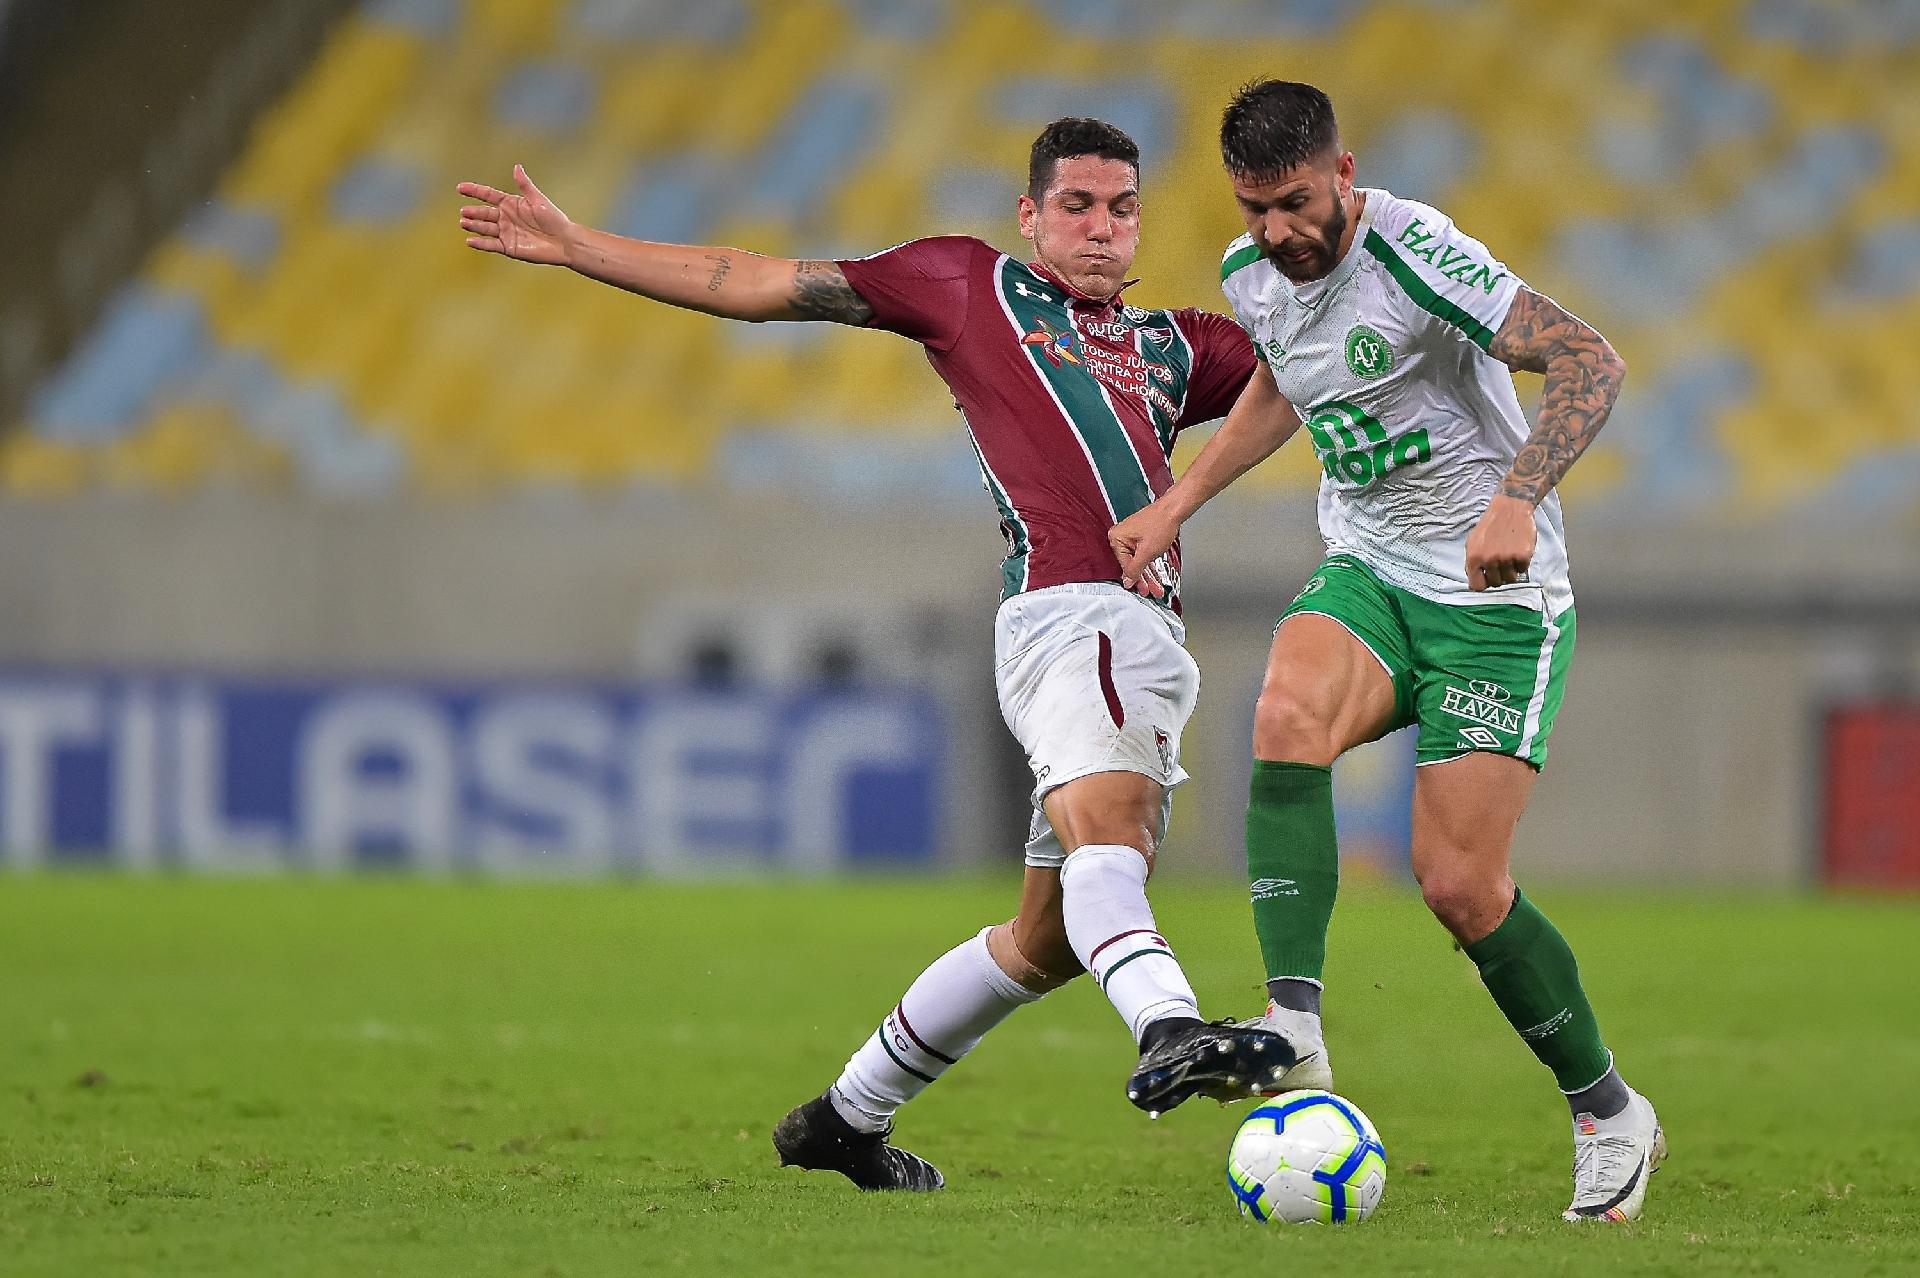 Nino, do Fluminense, disputa lance com Everaldo, do Chapecoense, durante partida pelo campeonato Brasileiro